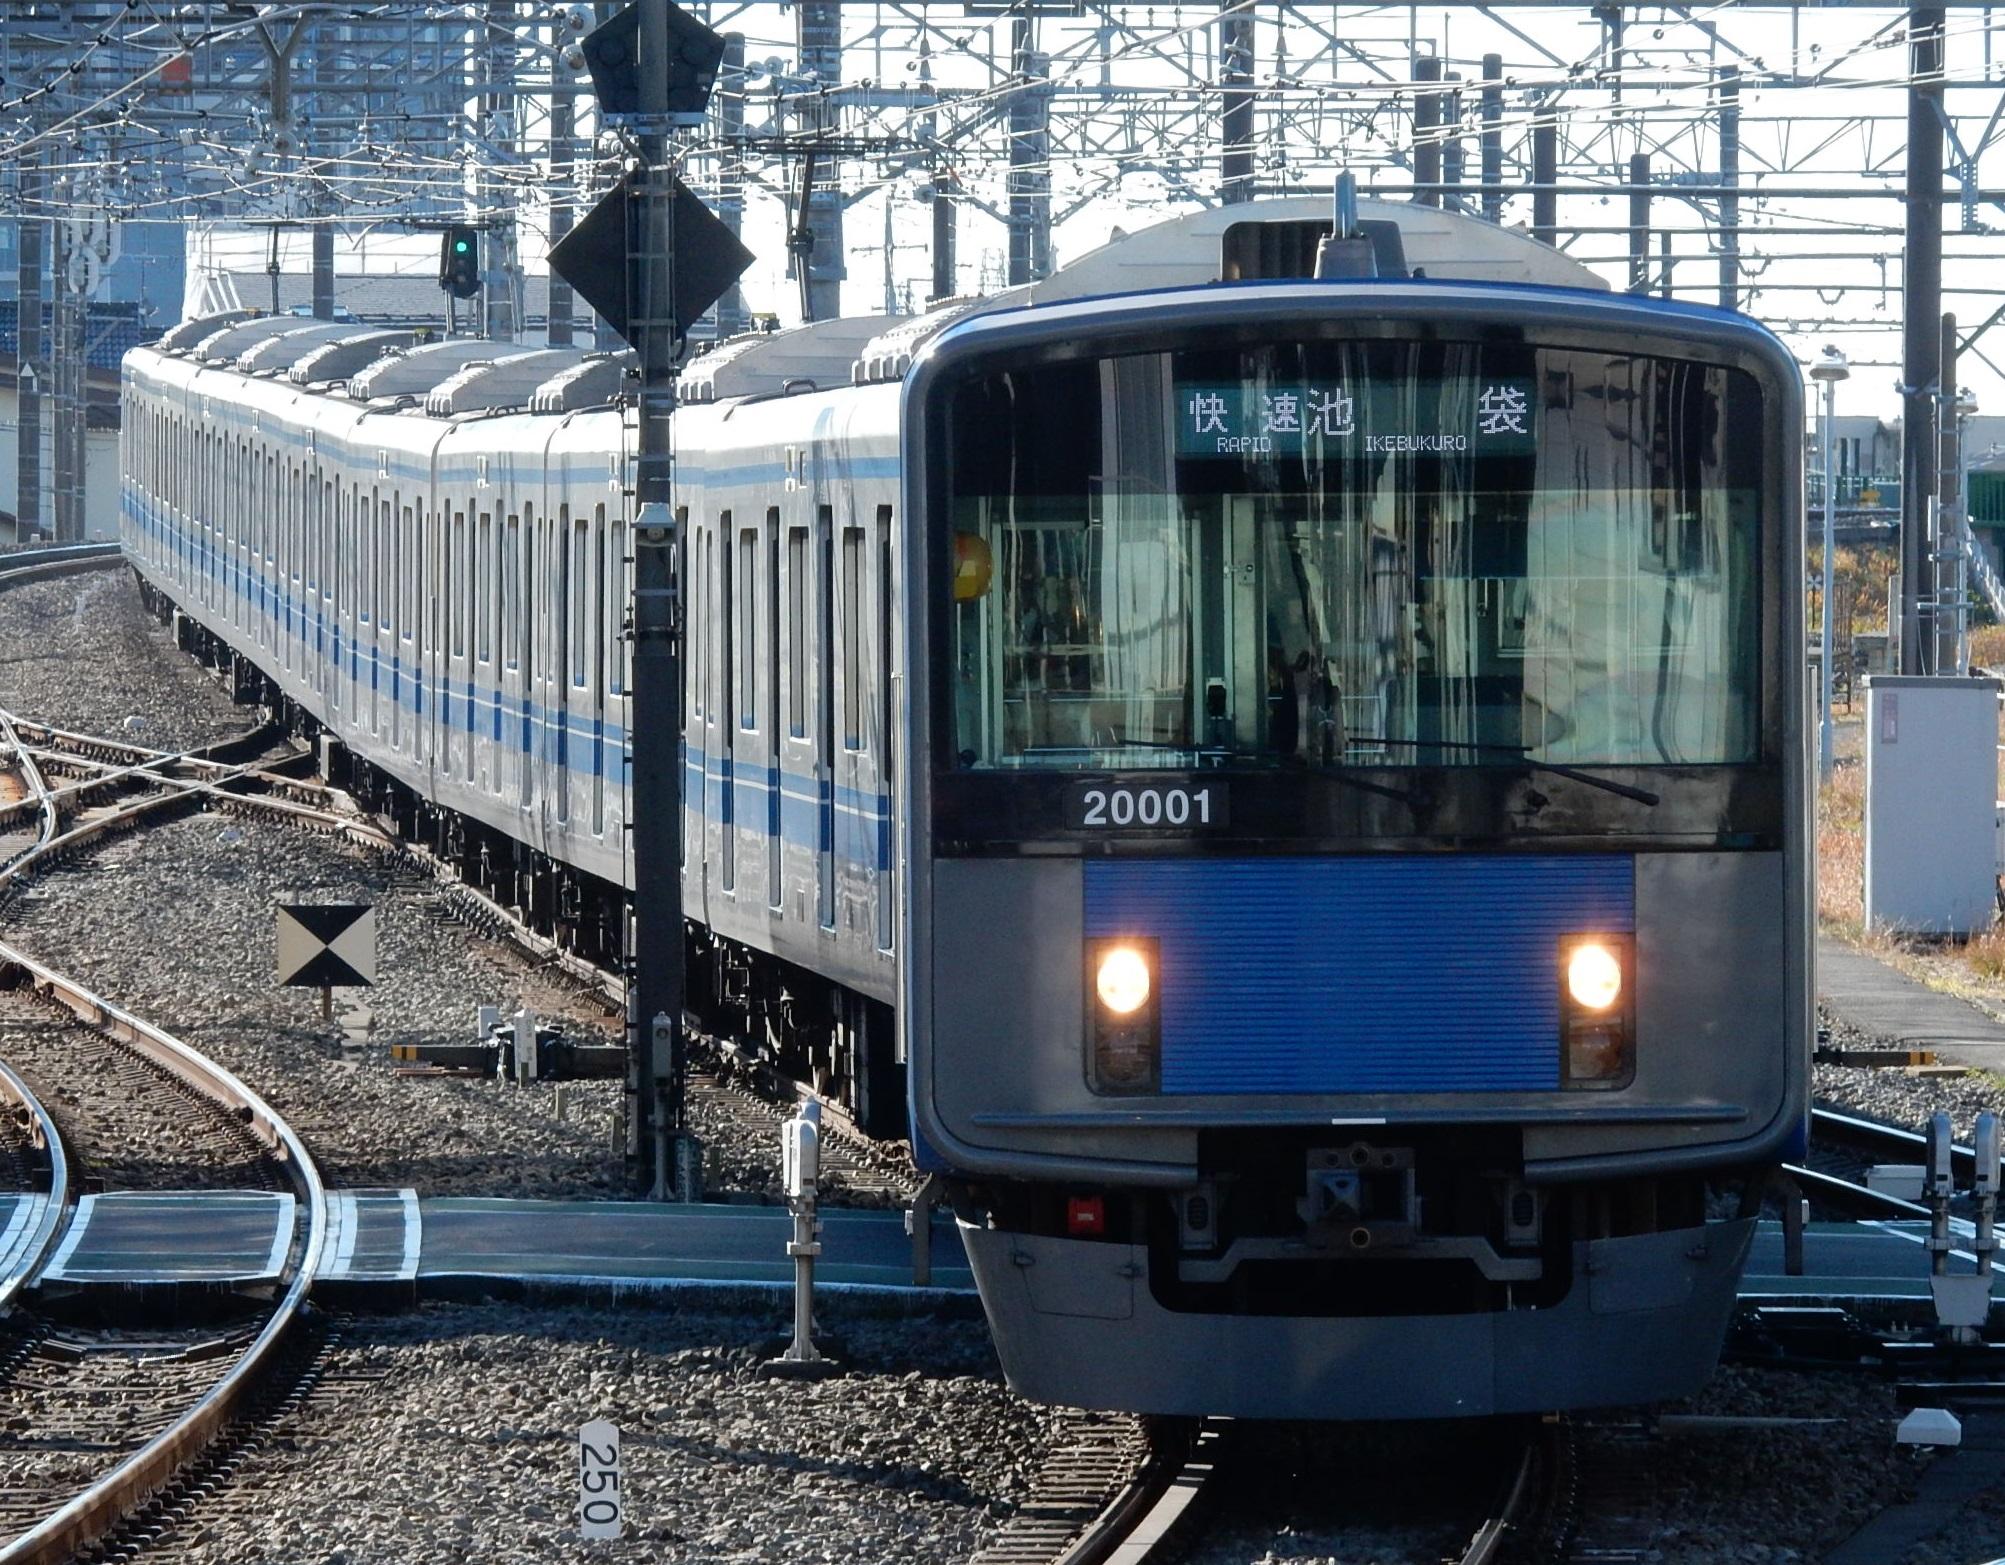 DSCN9845.jpg